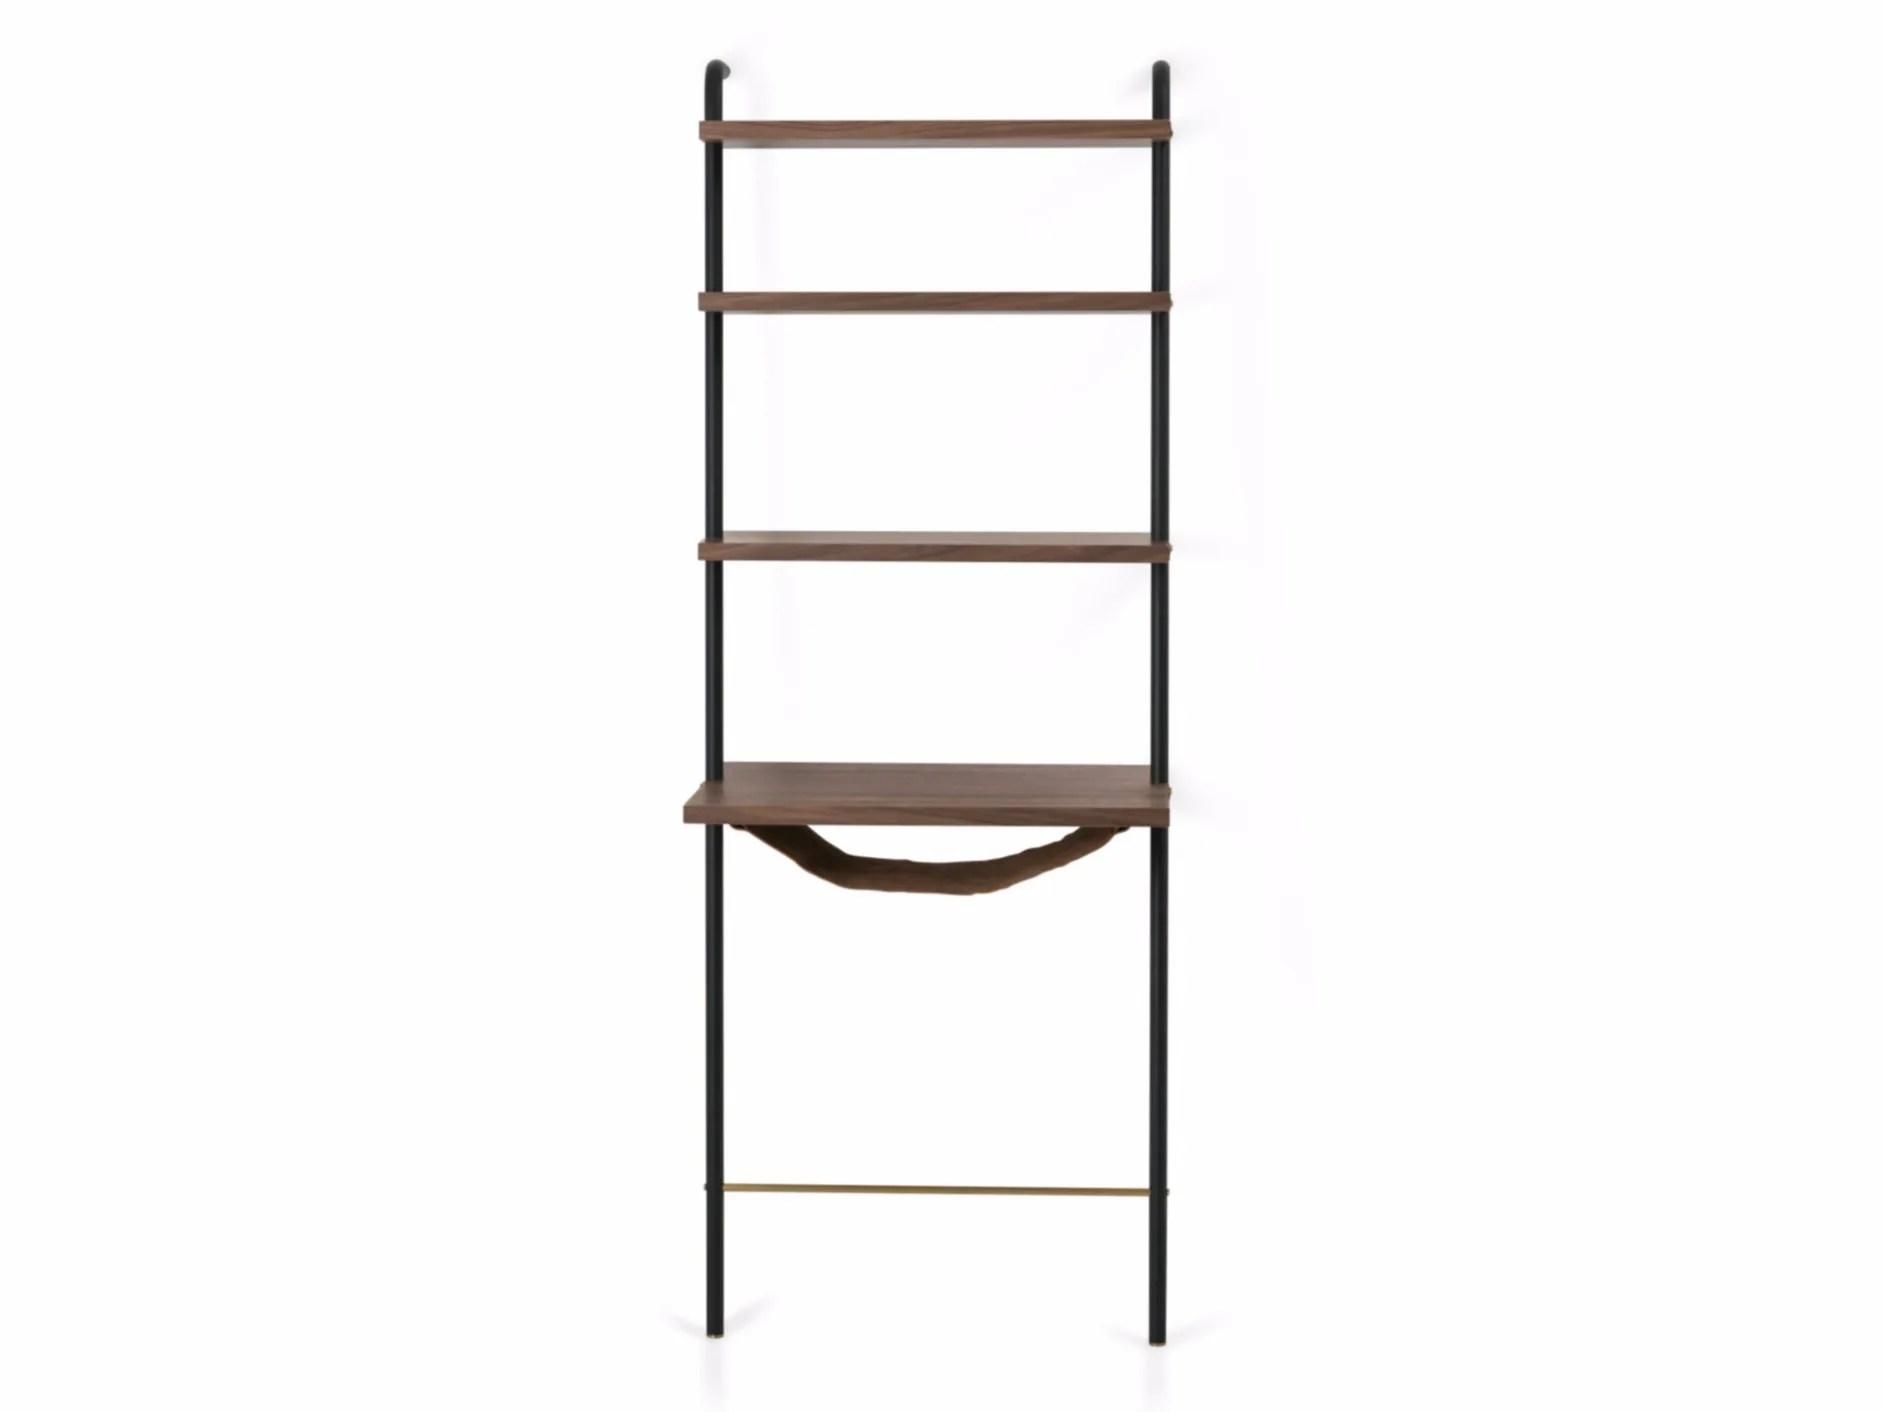 Desk shelves VALET DESK SHELVES Valet Collection by